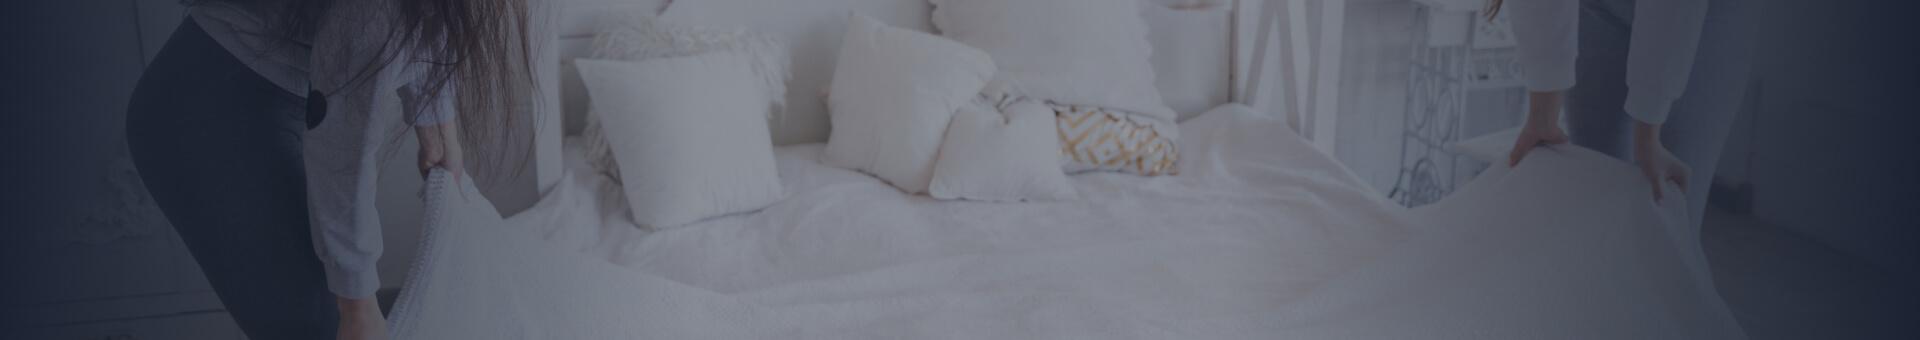 Make Bed